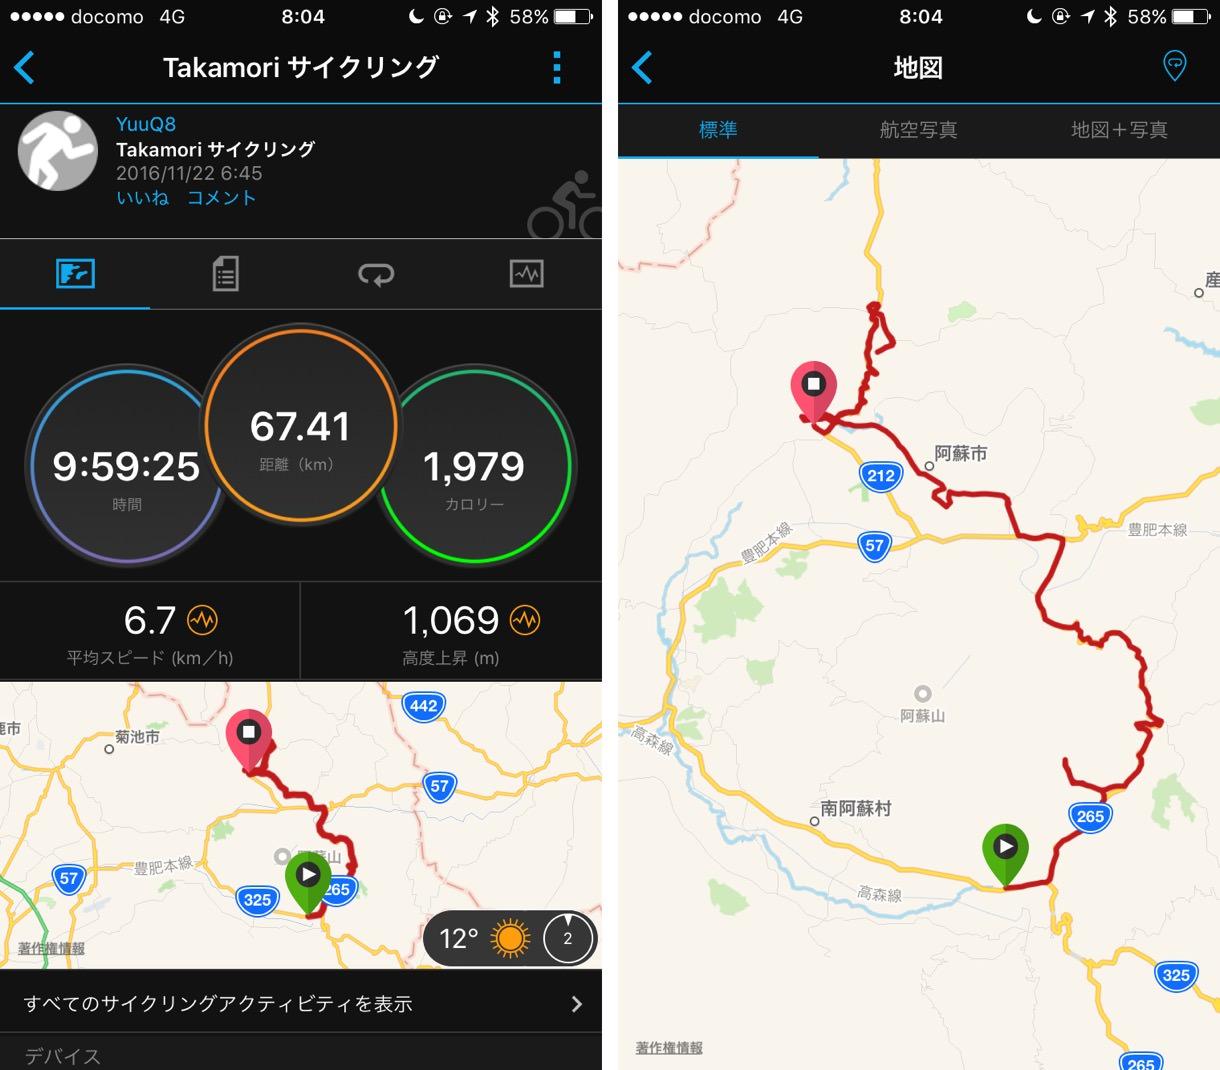 阿蘇ロードバイク旅3日目の走行距離